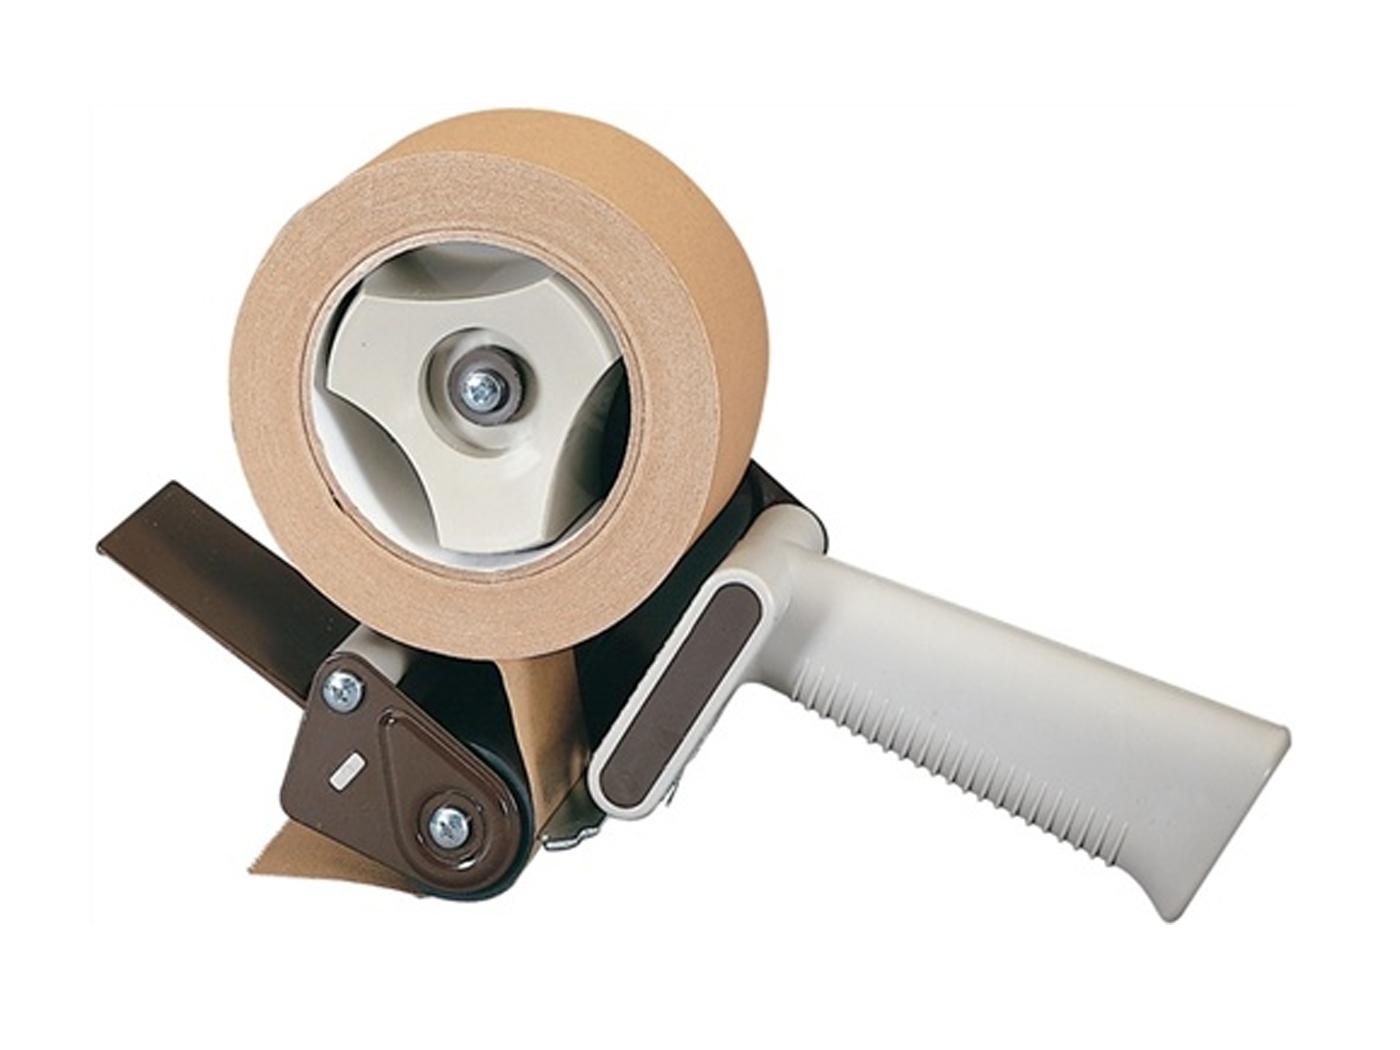 Handafroller kunststof met rolrem | DKMTools - DKM Tools